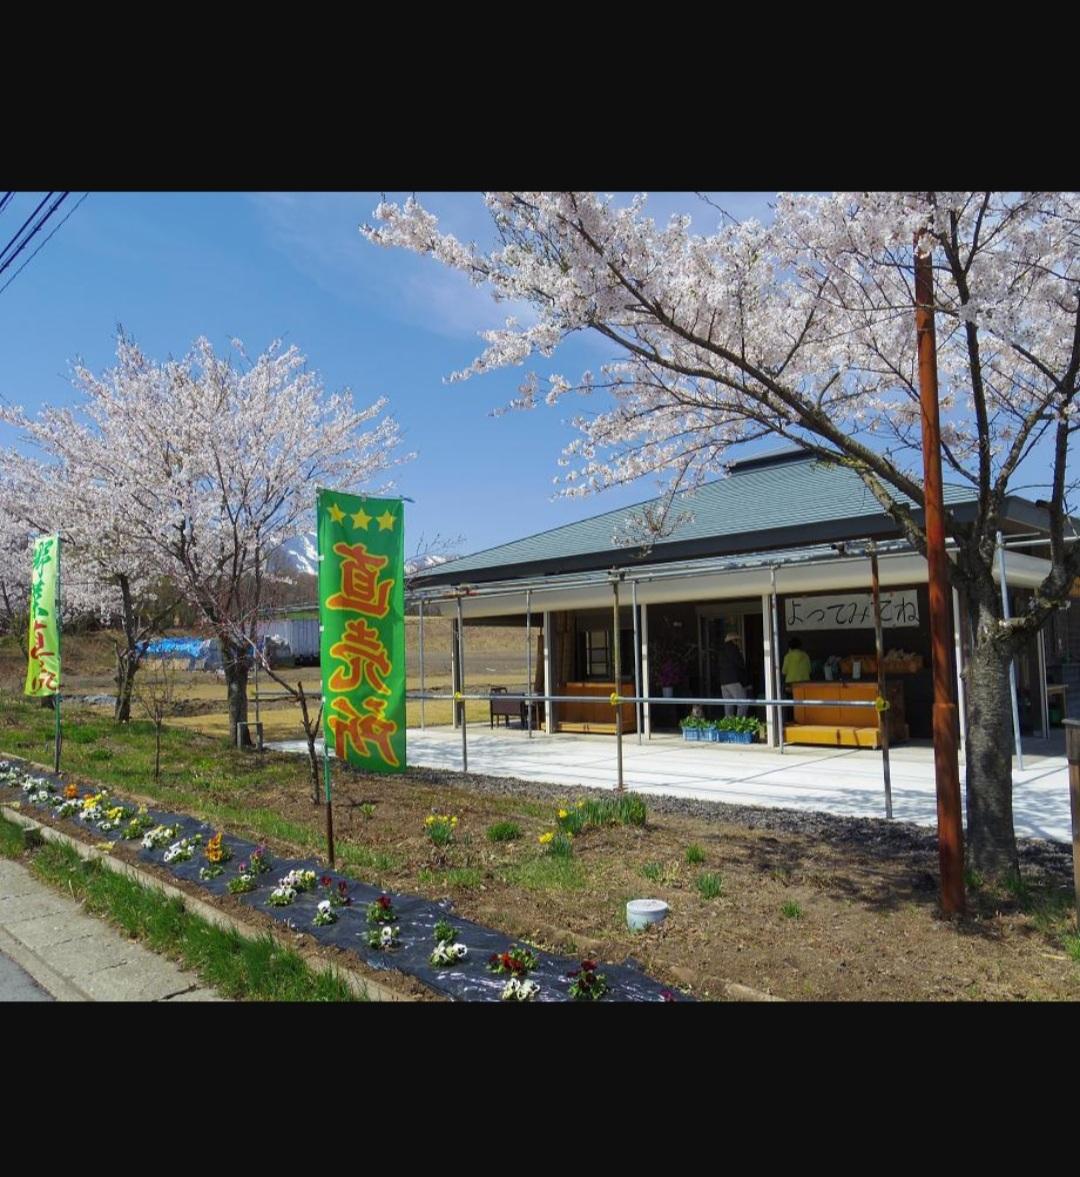 近隣トイレ:「北軽井沢ふれあい広場」野菜直売所もあります(冬季閉鎖となります)